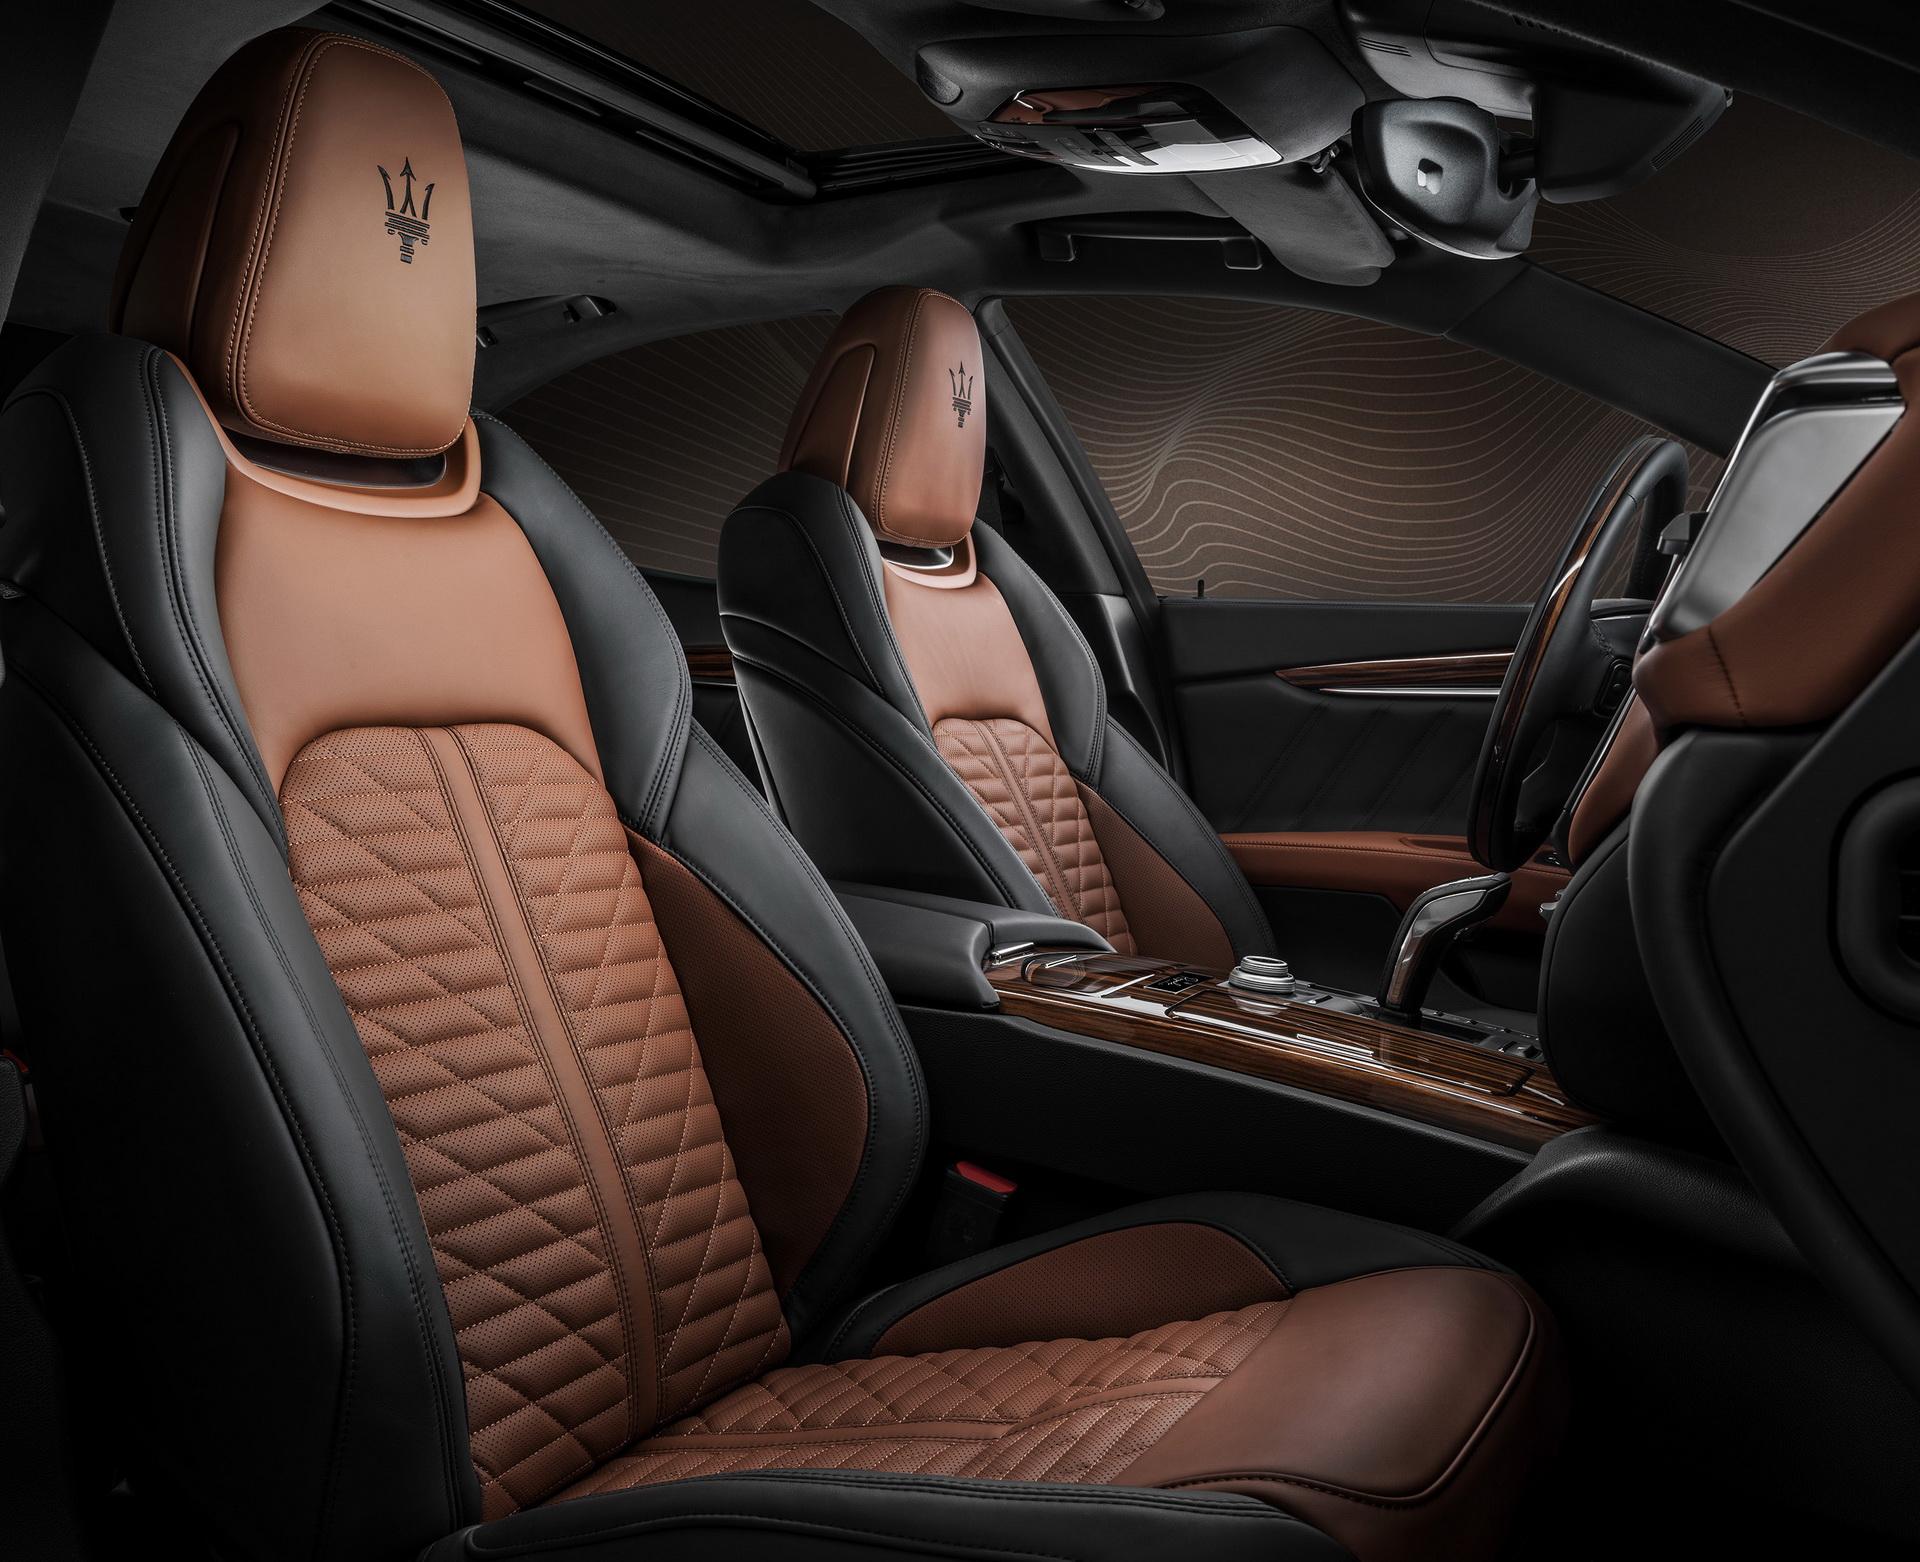 Maserati-Quattroporte-Levante-And-Ghibli-Royale-editions-9